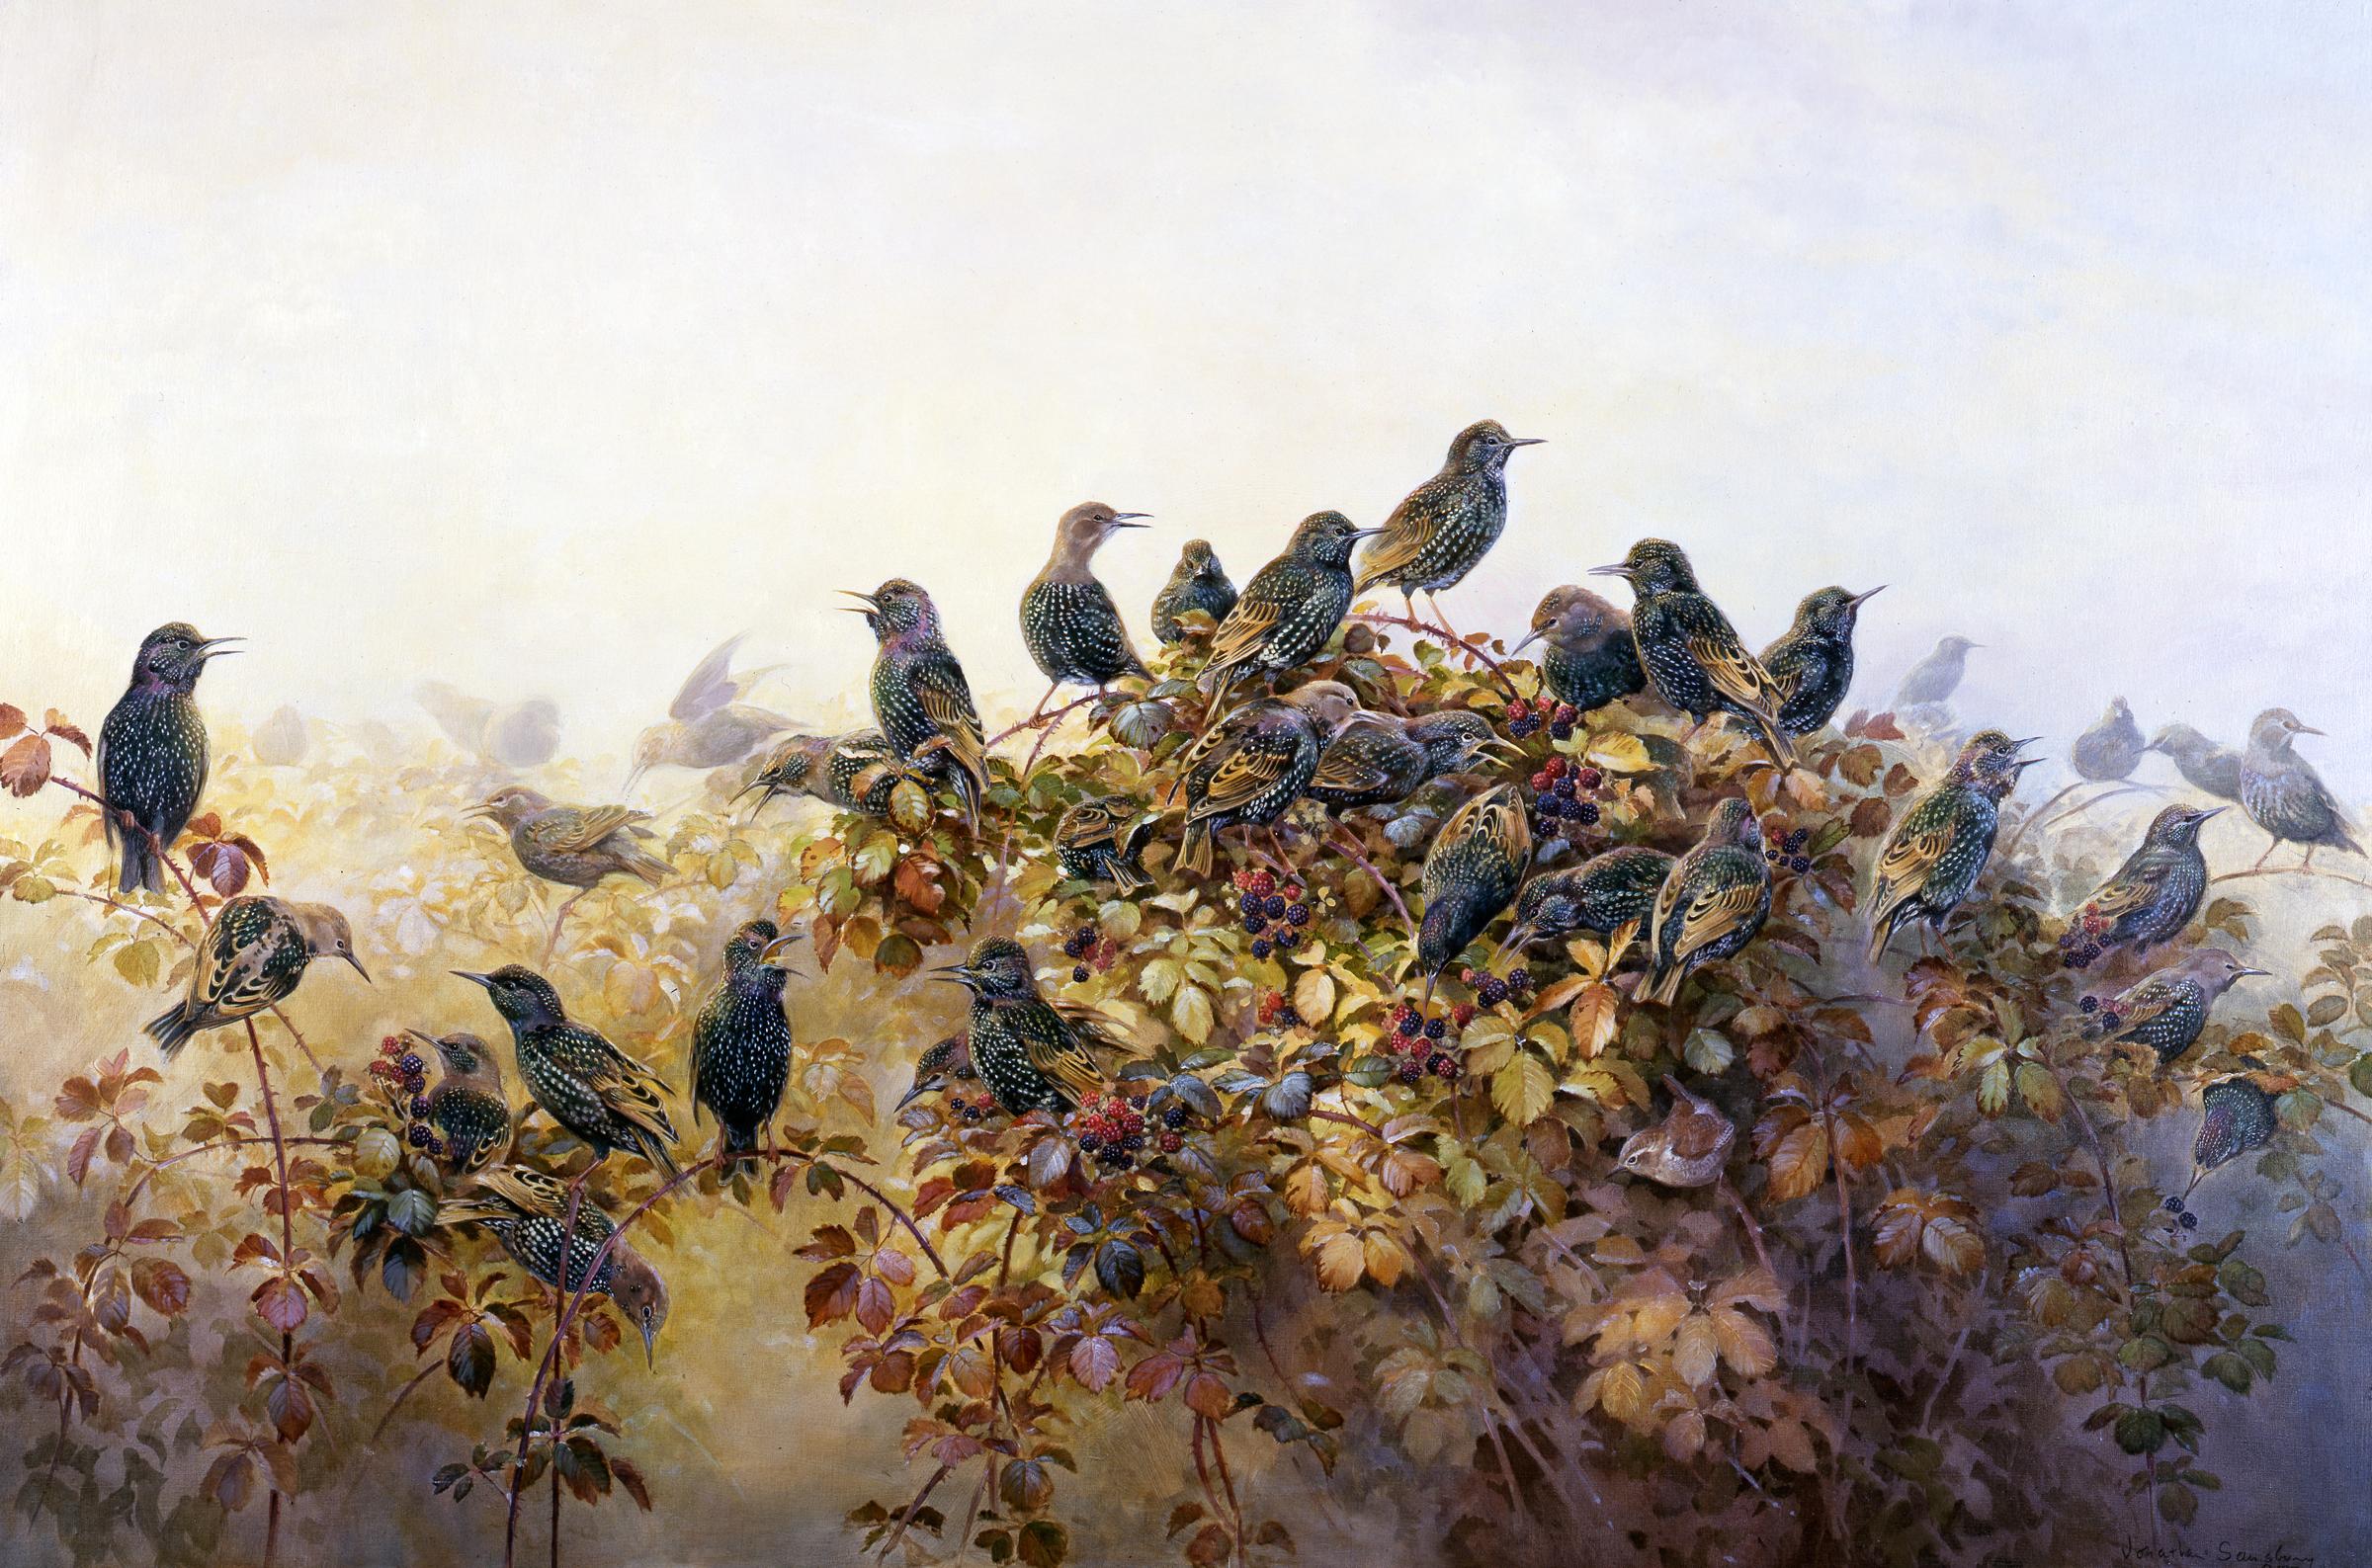 Jonathan Sainsbury, Starlings and Brambles